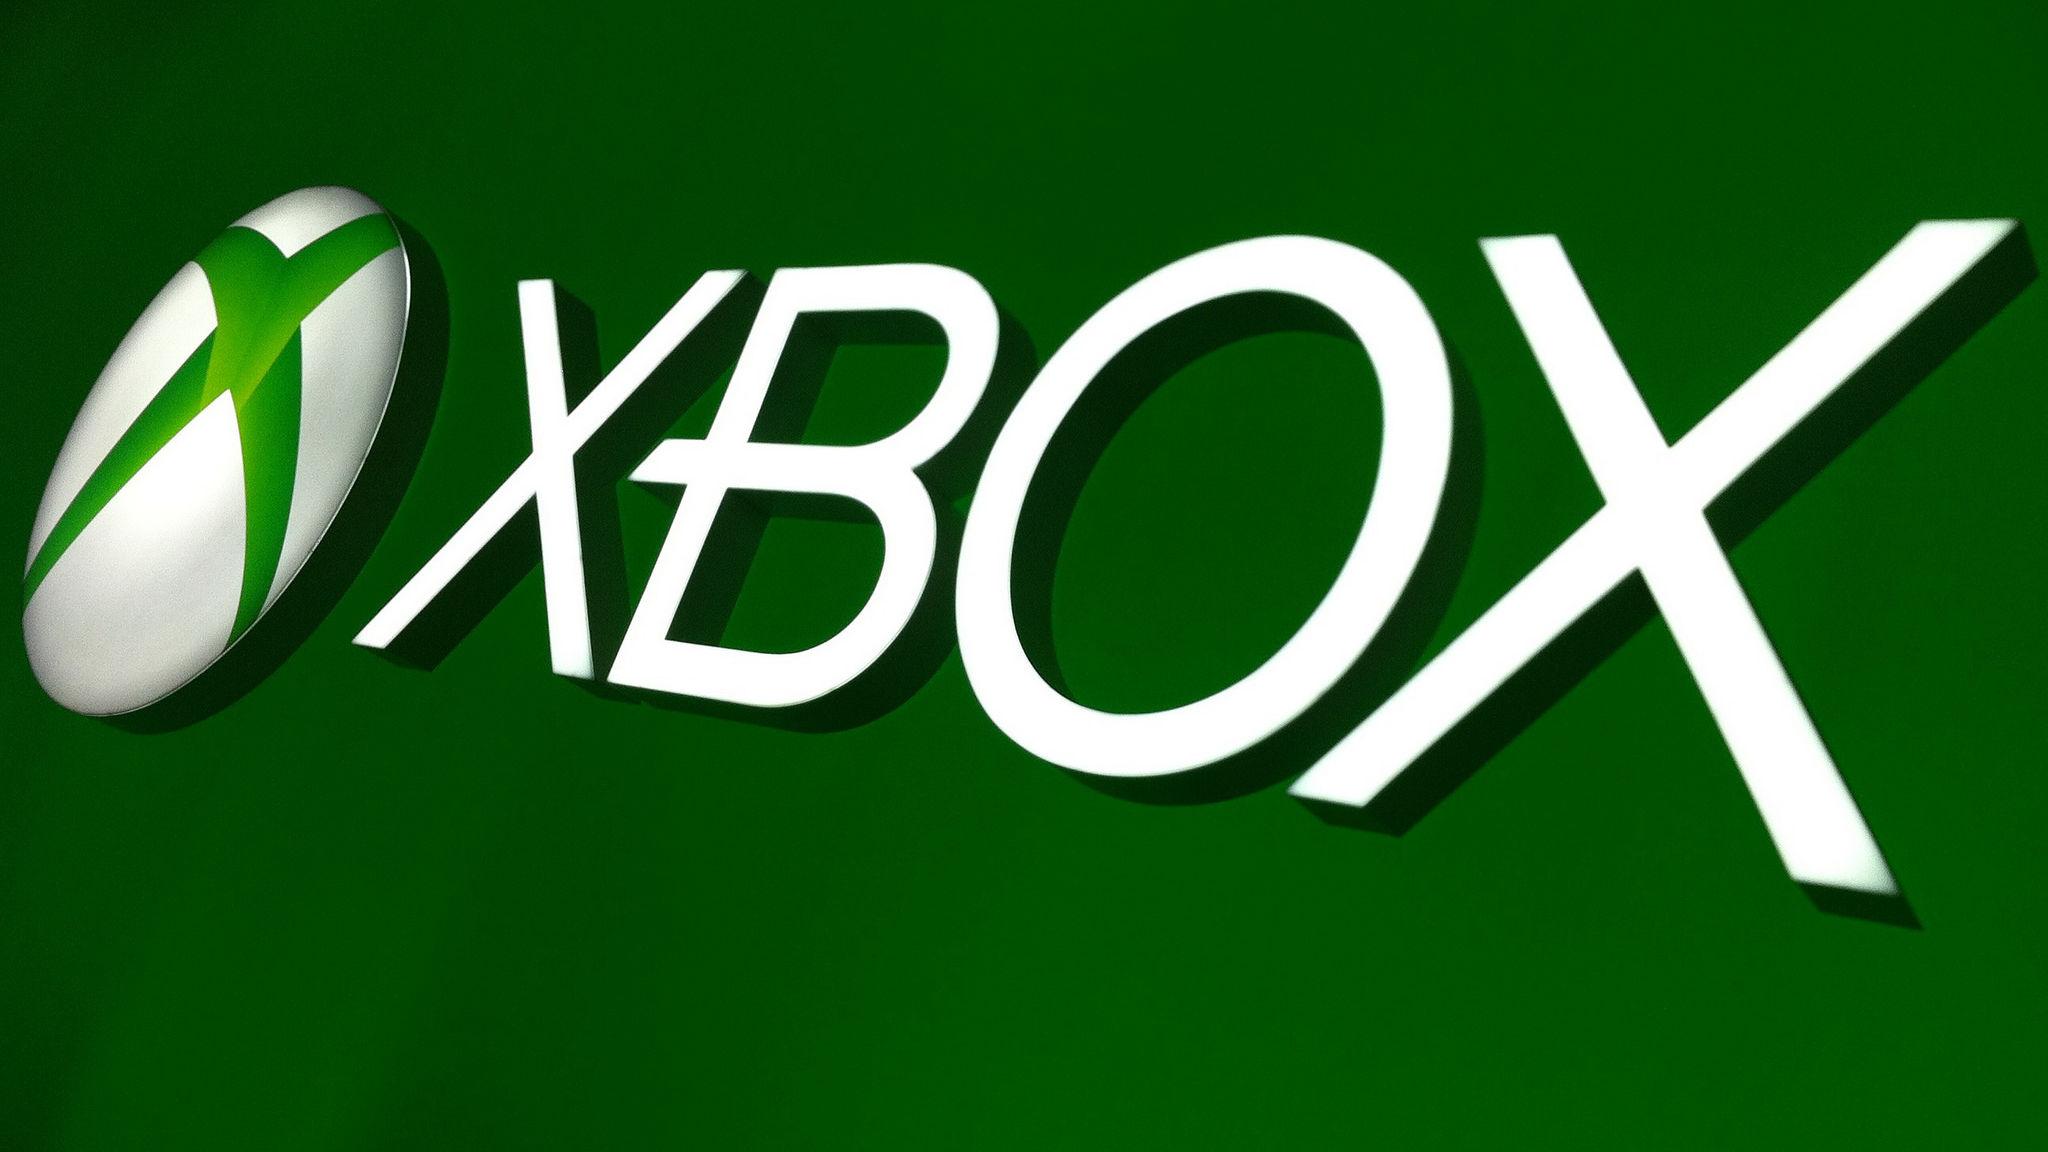 Microsoft satser på strømming og har startet med utviklingen av nestegenerasjon Xbox-konsoll.